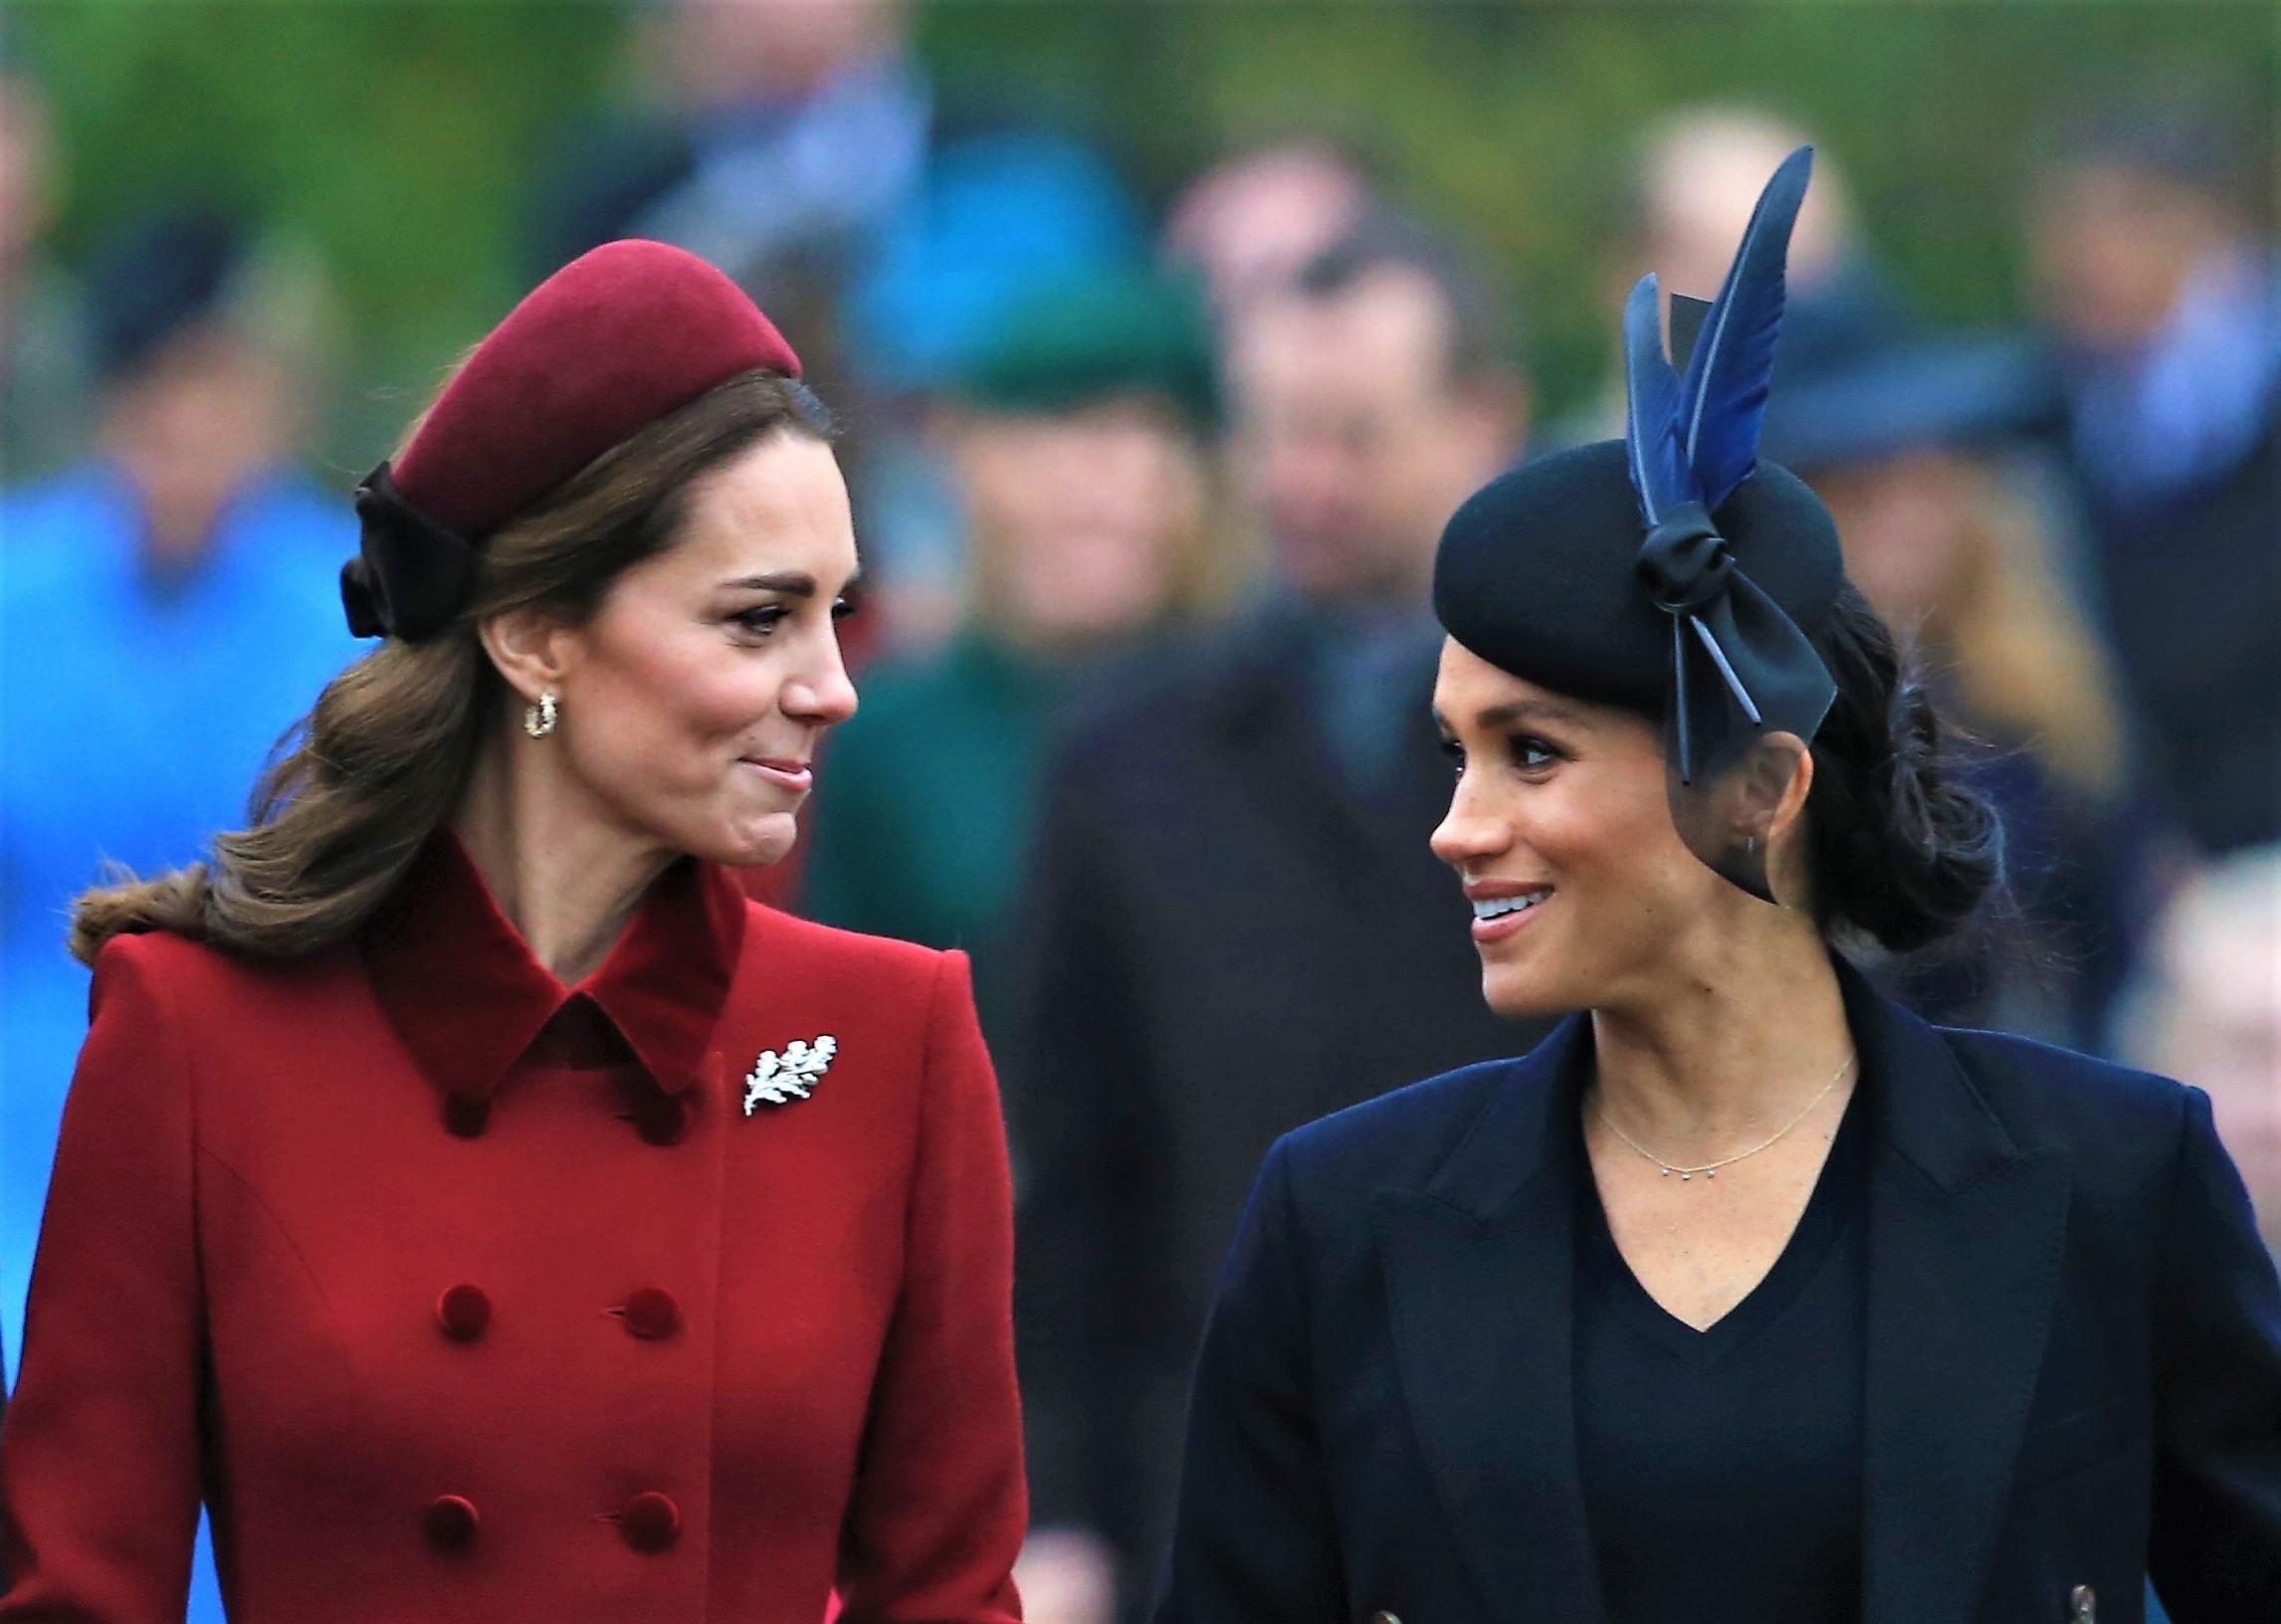 Aniversário da rainha Elizabeth causa atrito entre Kate e Meghan